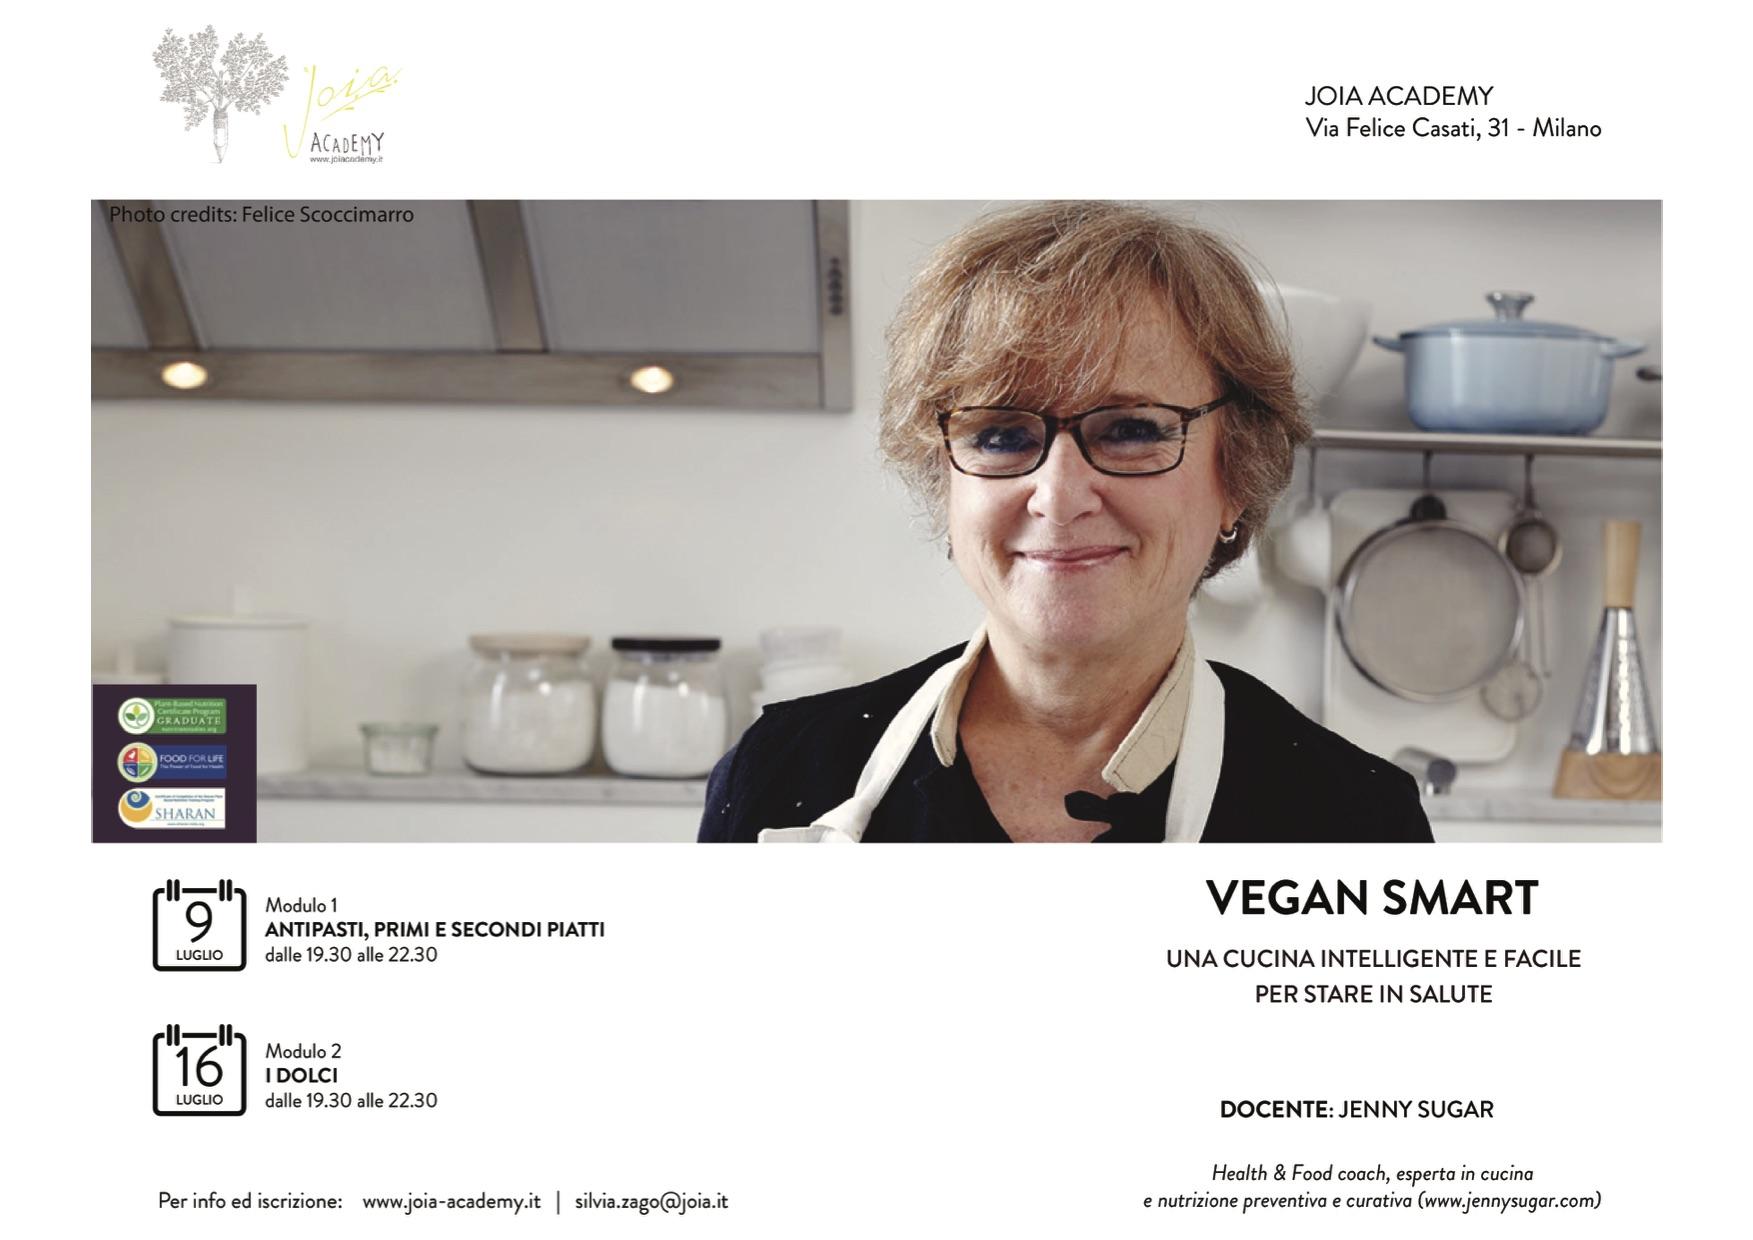 Vegan Smart In Cucina In 2 Lezioni